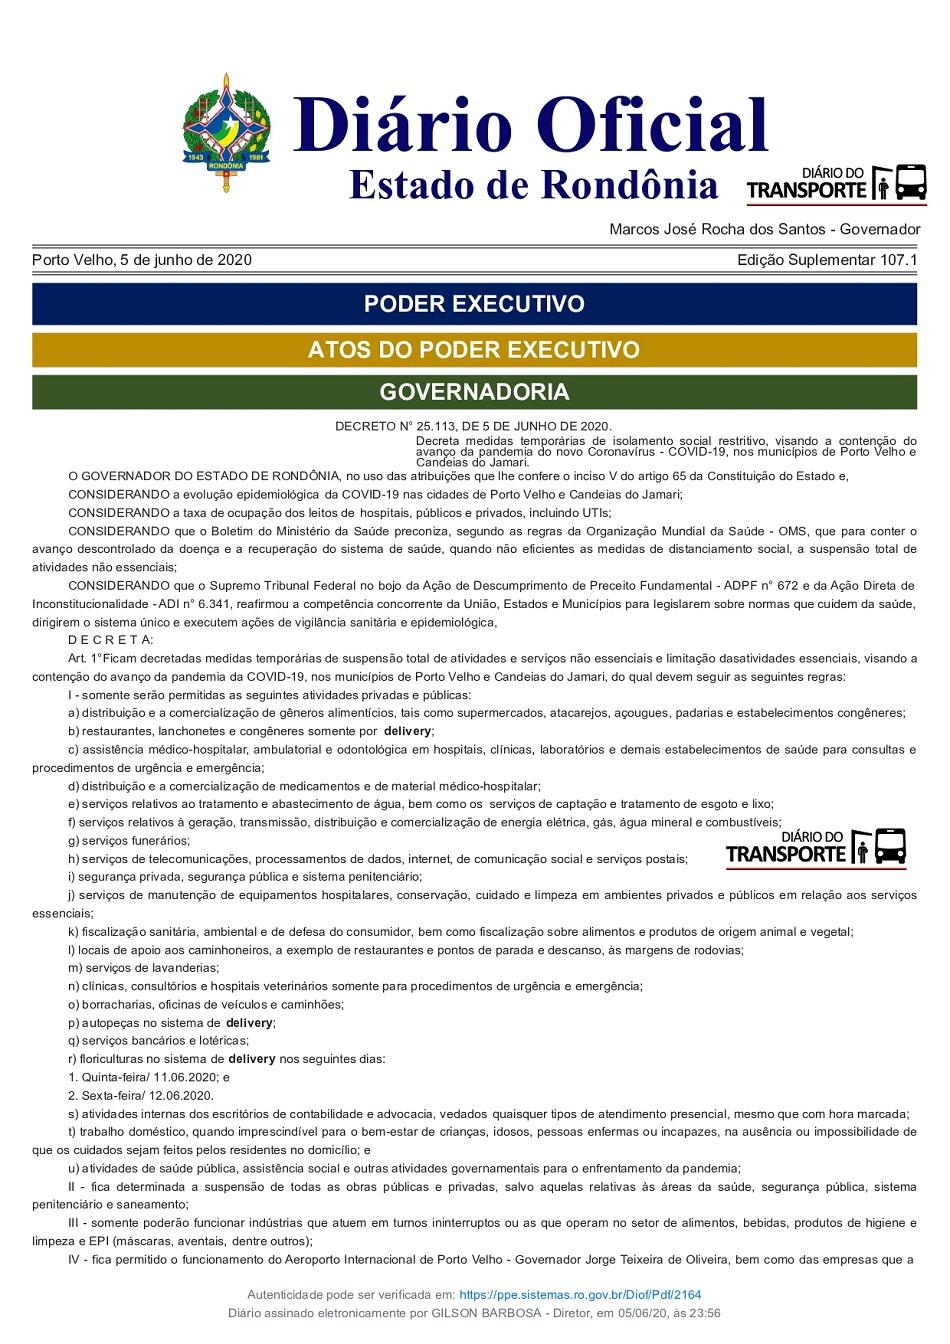 decreto rondonia_page-0001